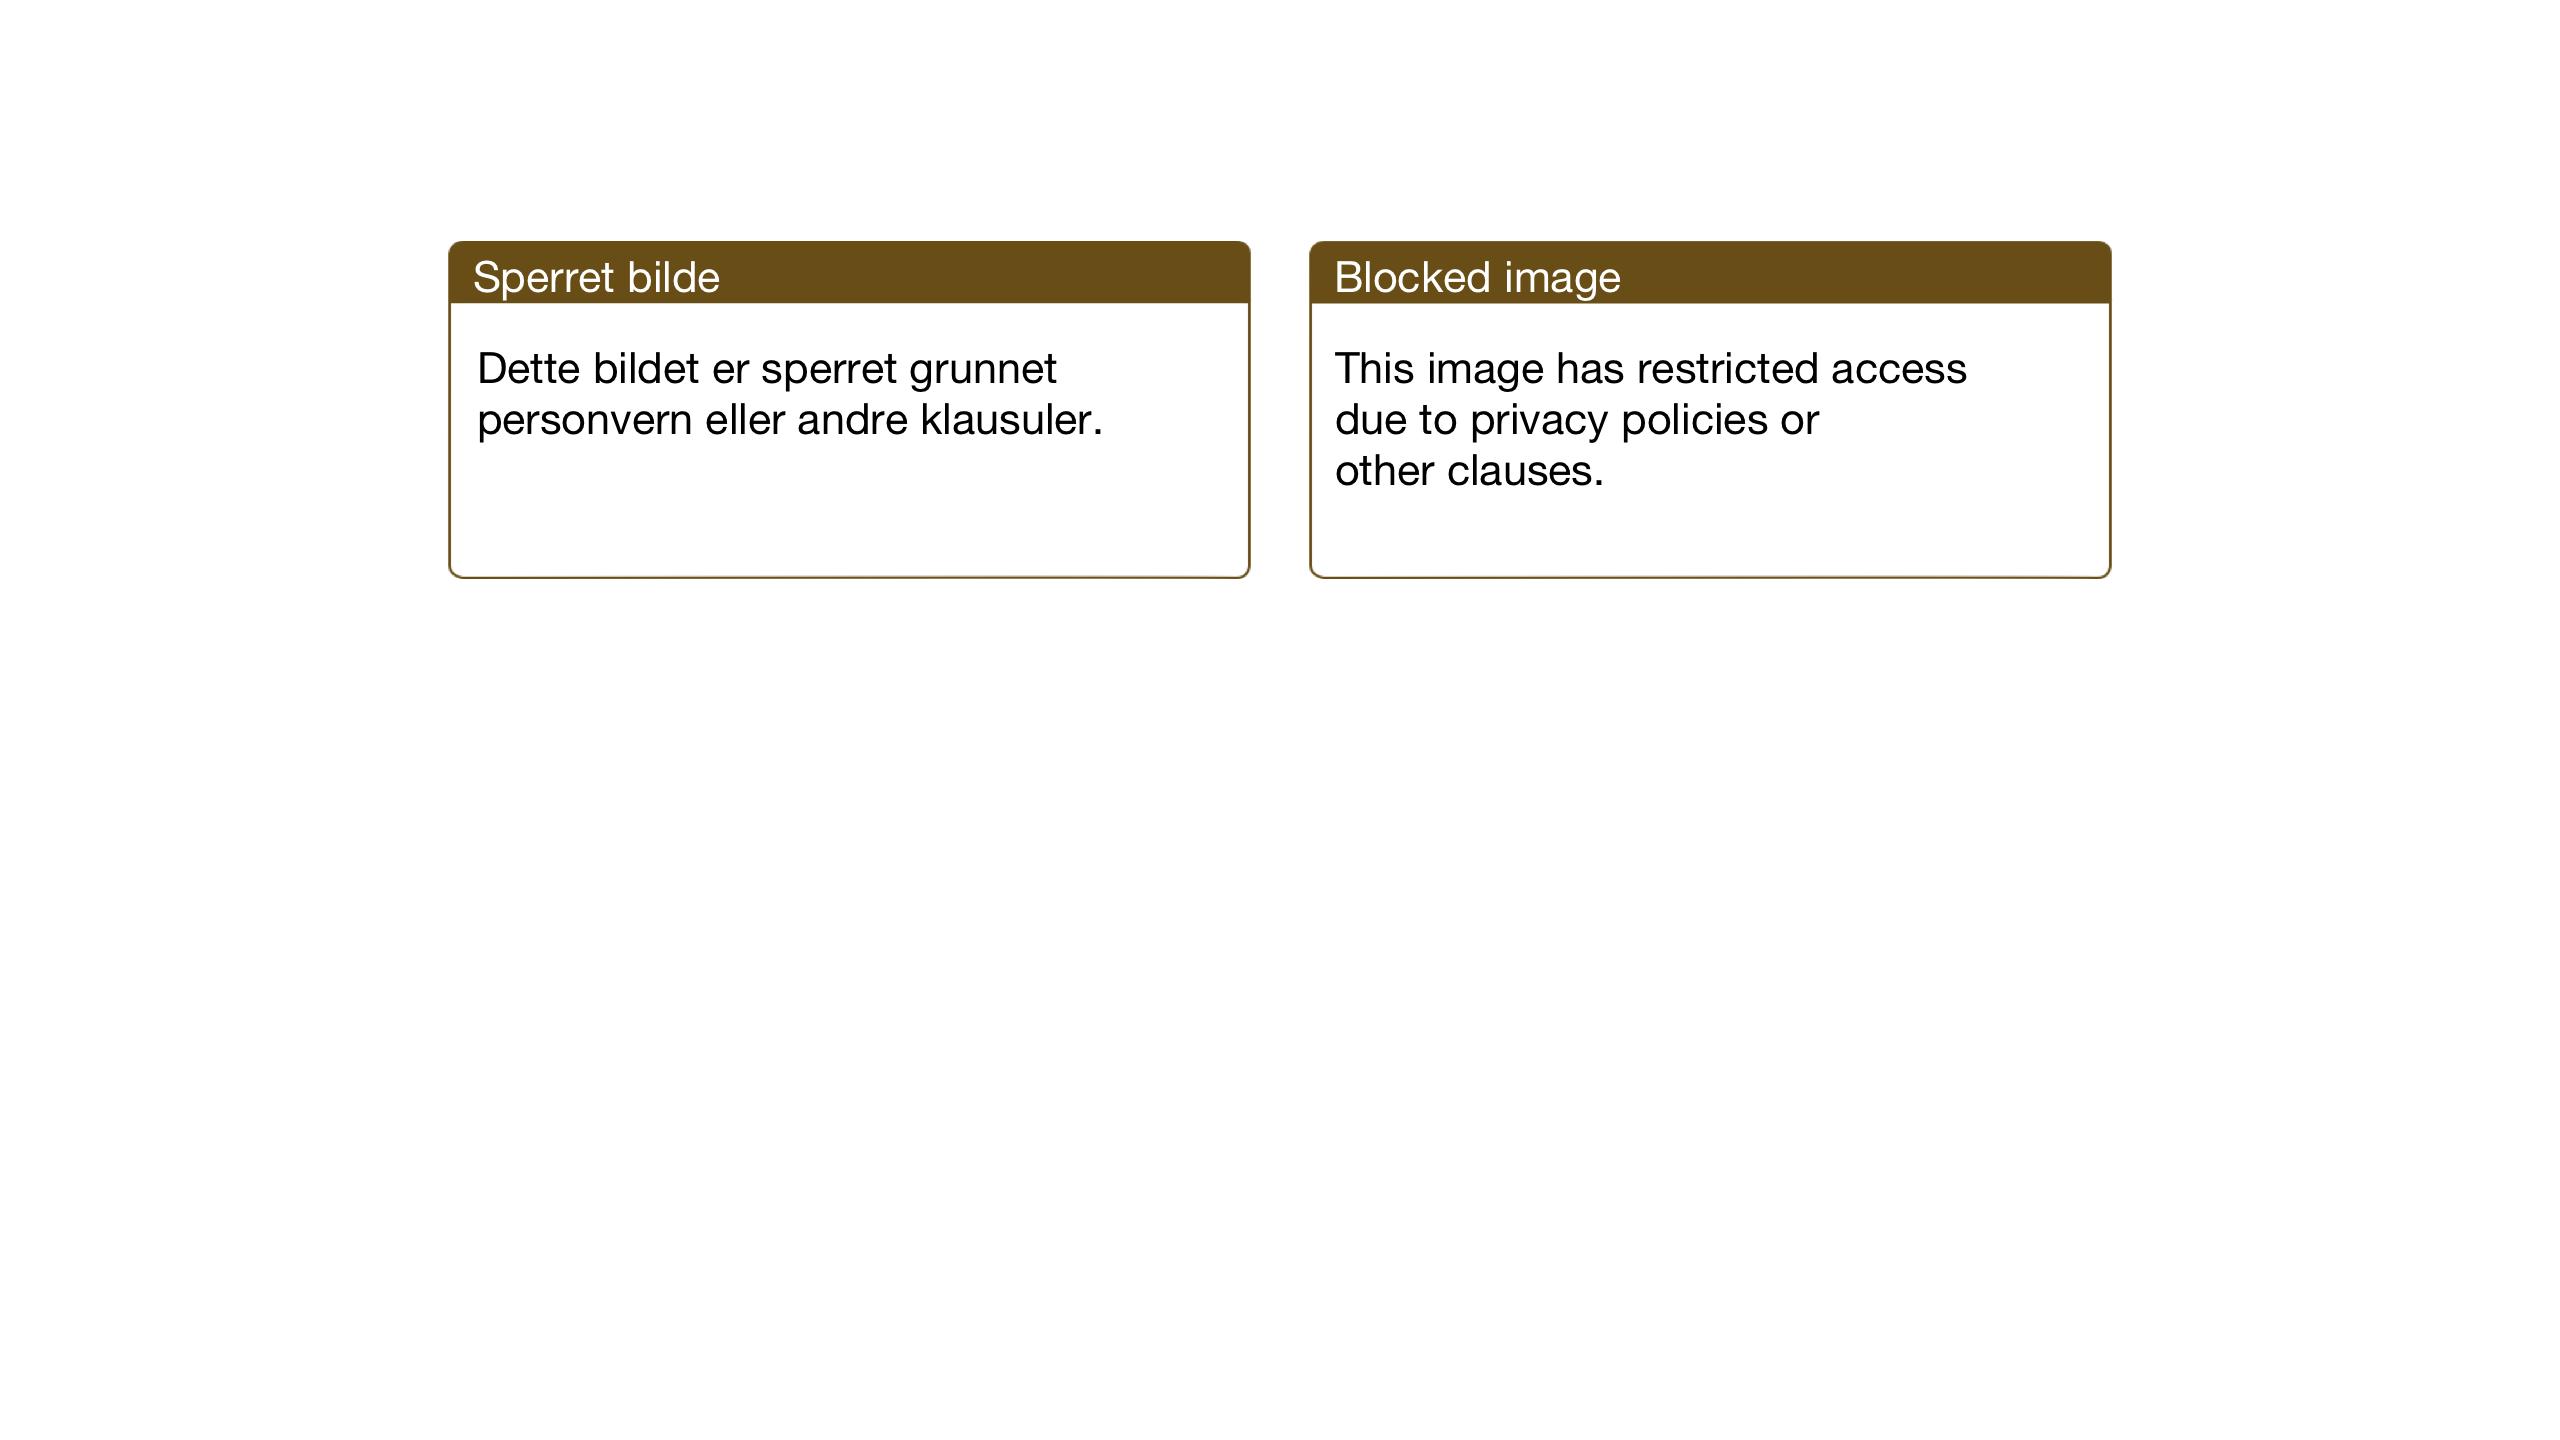 SAT, Ministerialprotokoller, klokkerbøker og fødselsregistre - Sør-Trøndelag, 655/L0690: Klokkerbok nr. 655C06, 1937-1950, s. 69